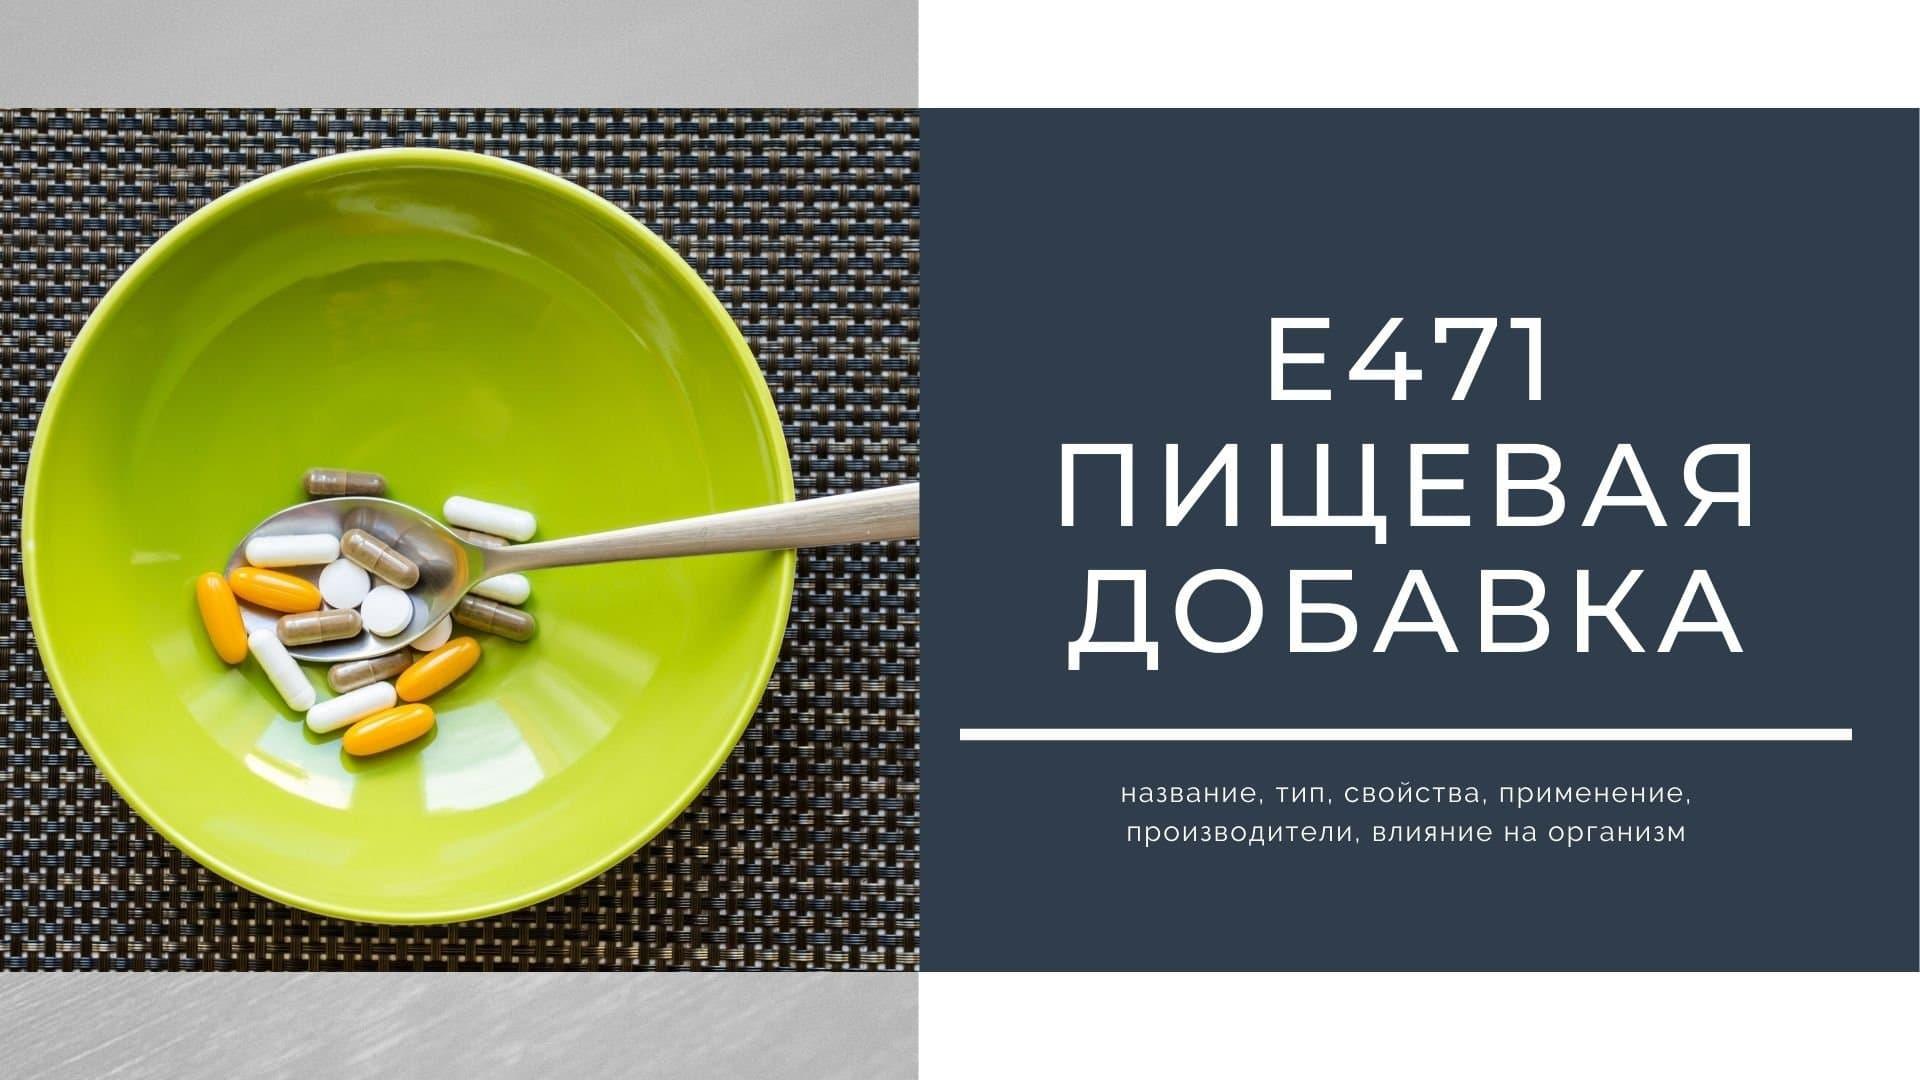 Е471 пищевая добавка: название, тип, свойства, применение, производители, влияние на организм